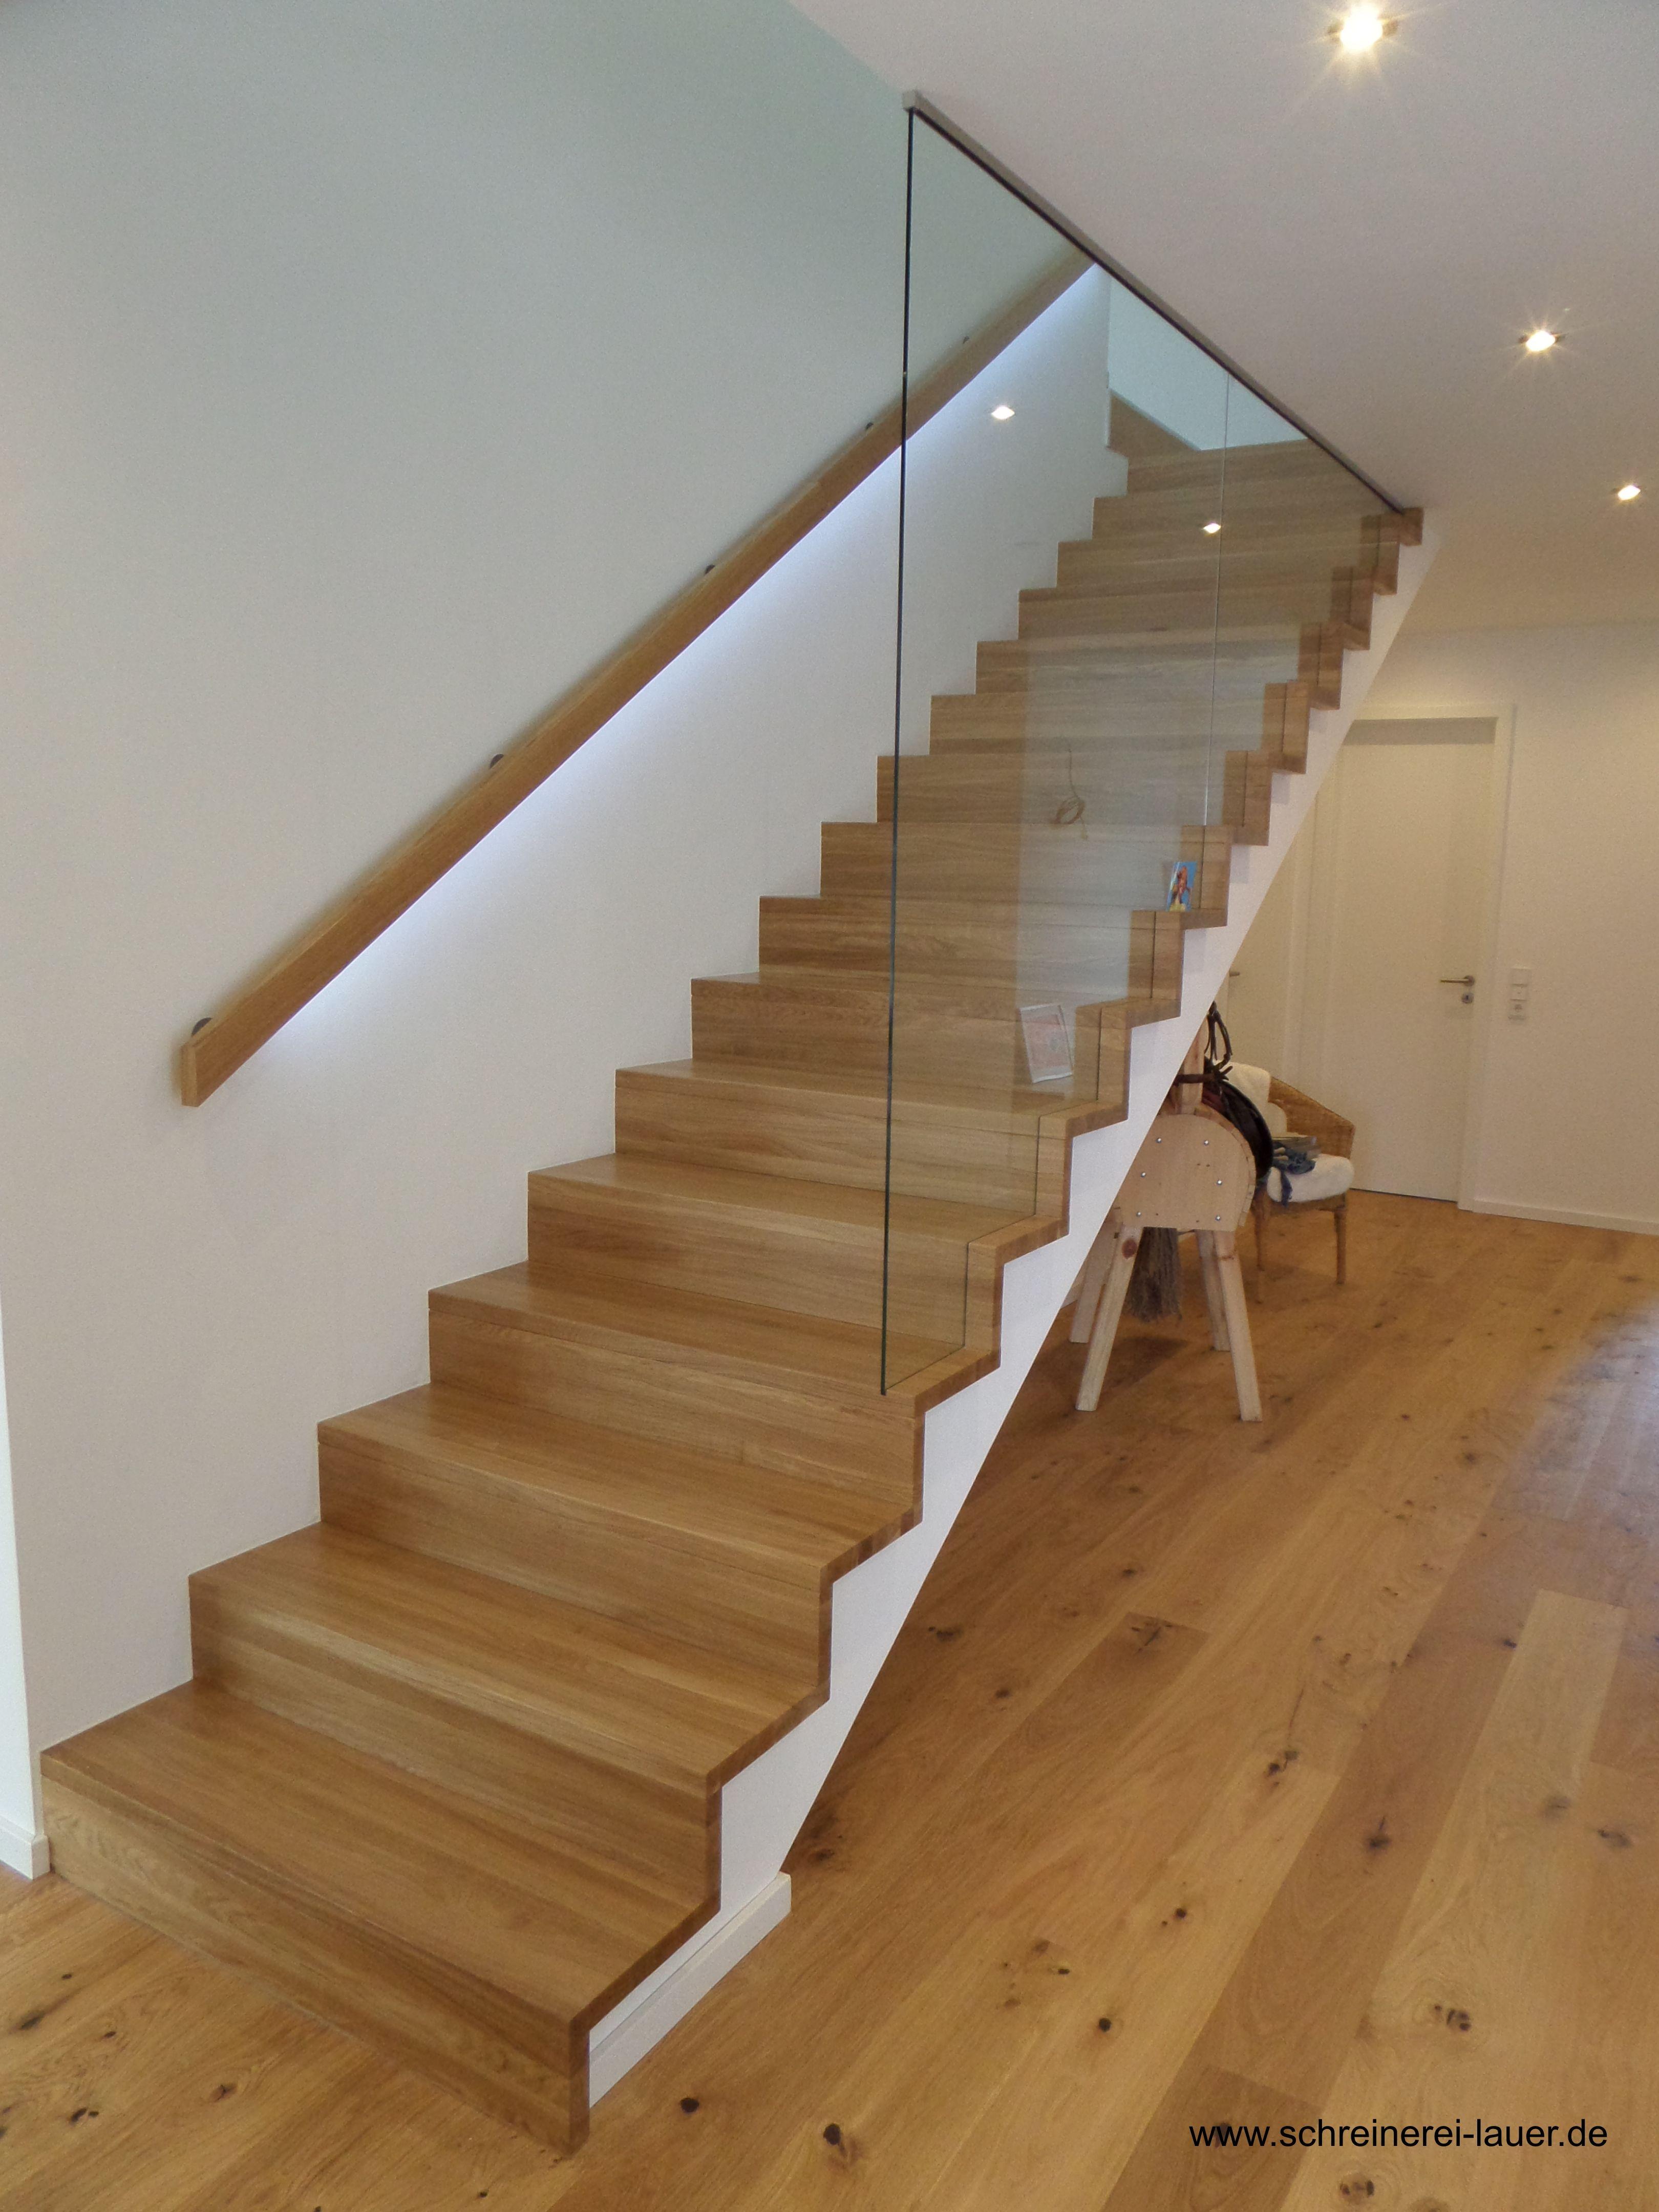 Treppenbelag Aus Eiche Massivholz Und Handlauf Mit Integriertem Led Die